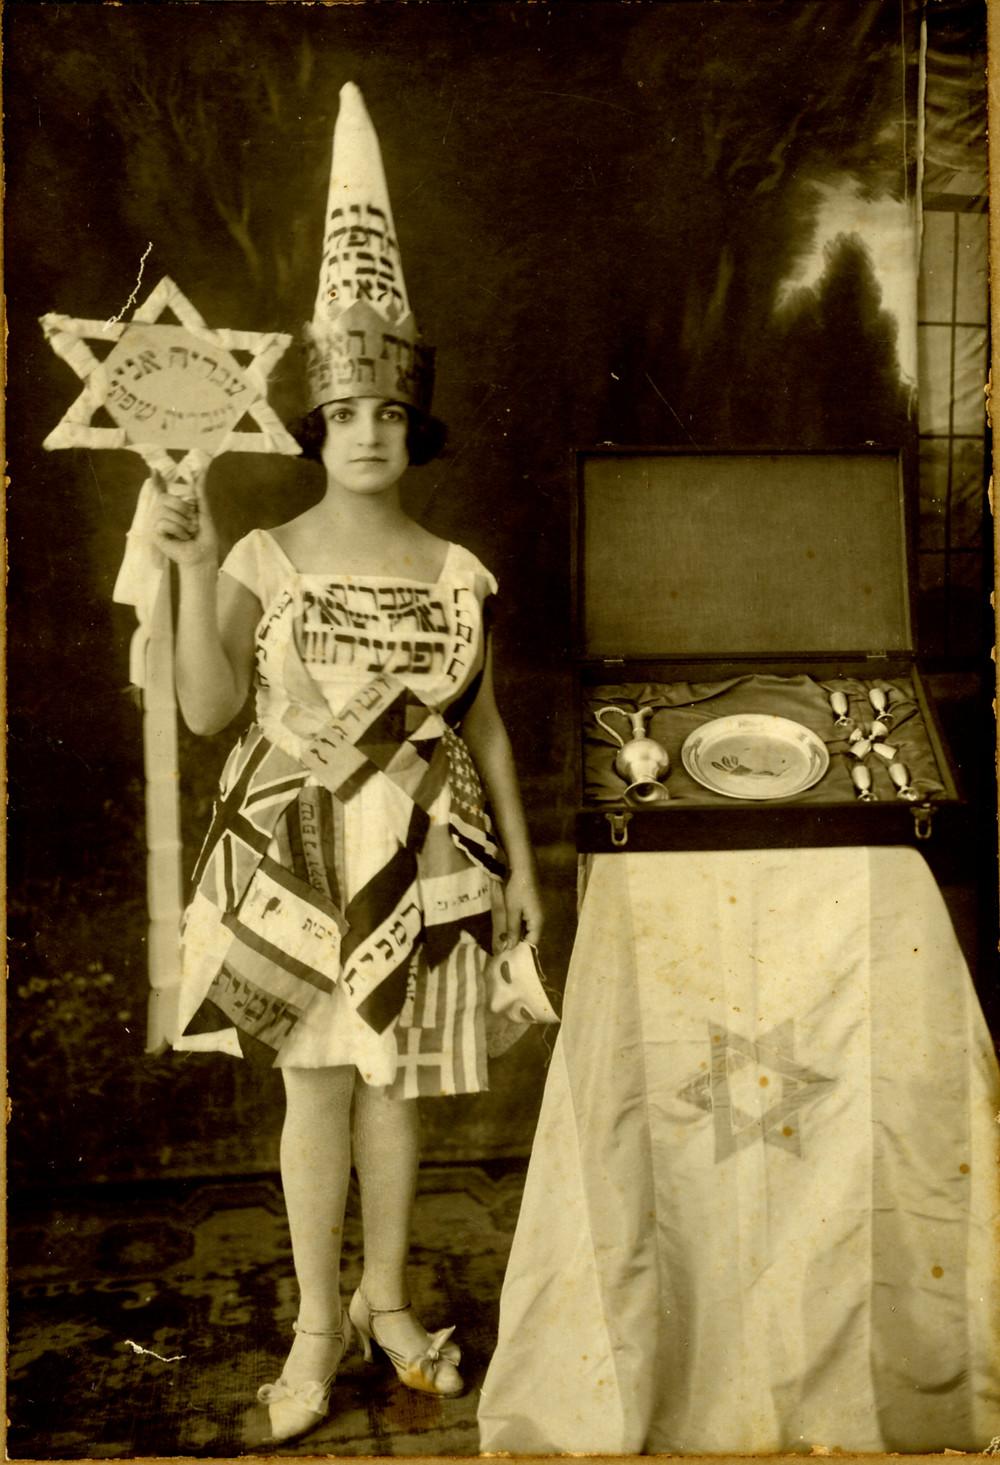 פולה גוטליב, צילום מאוסף מאירה הניס, תל אביב נגלית לעין